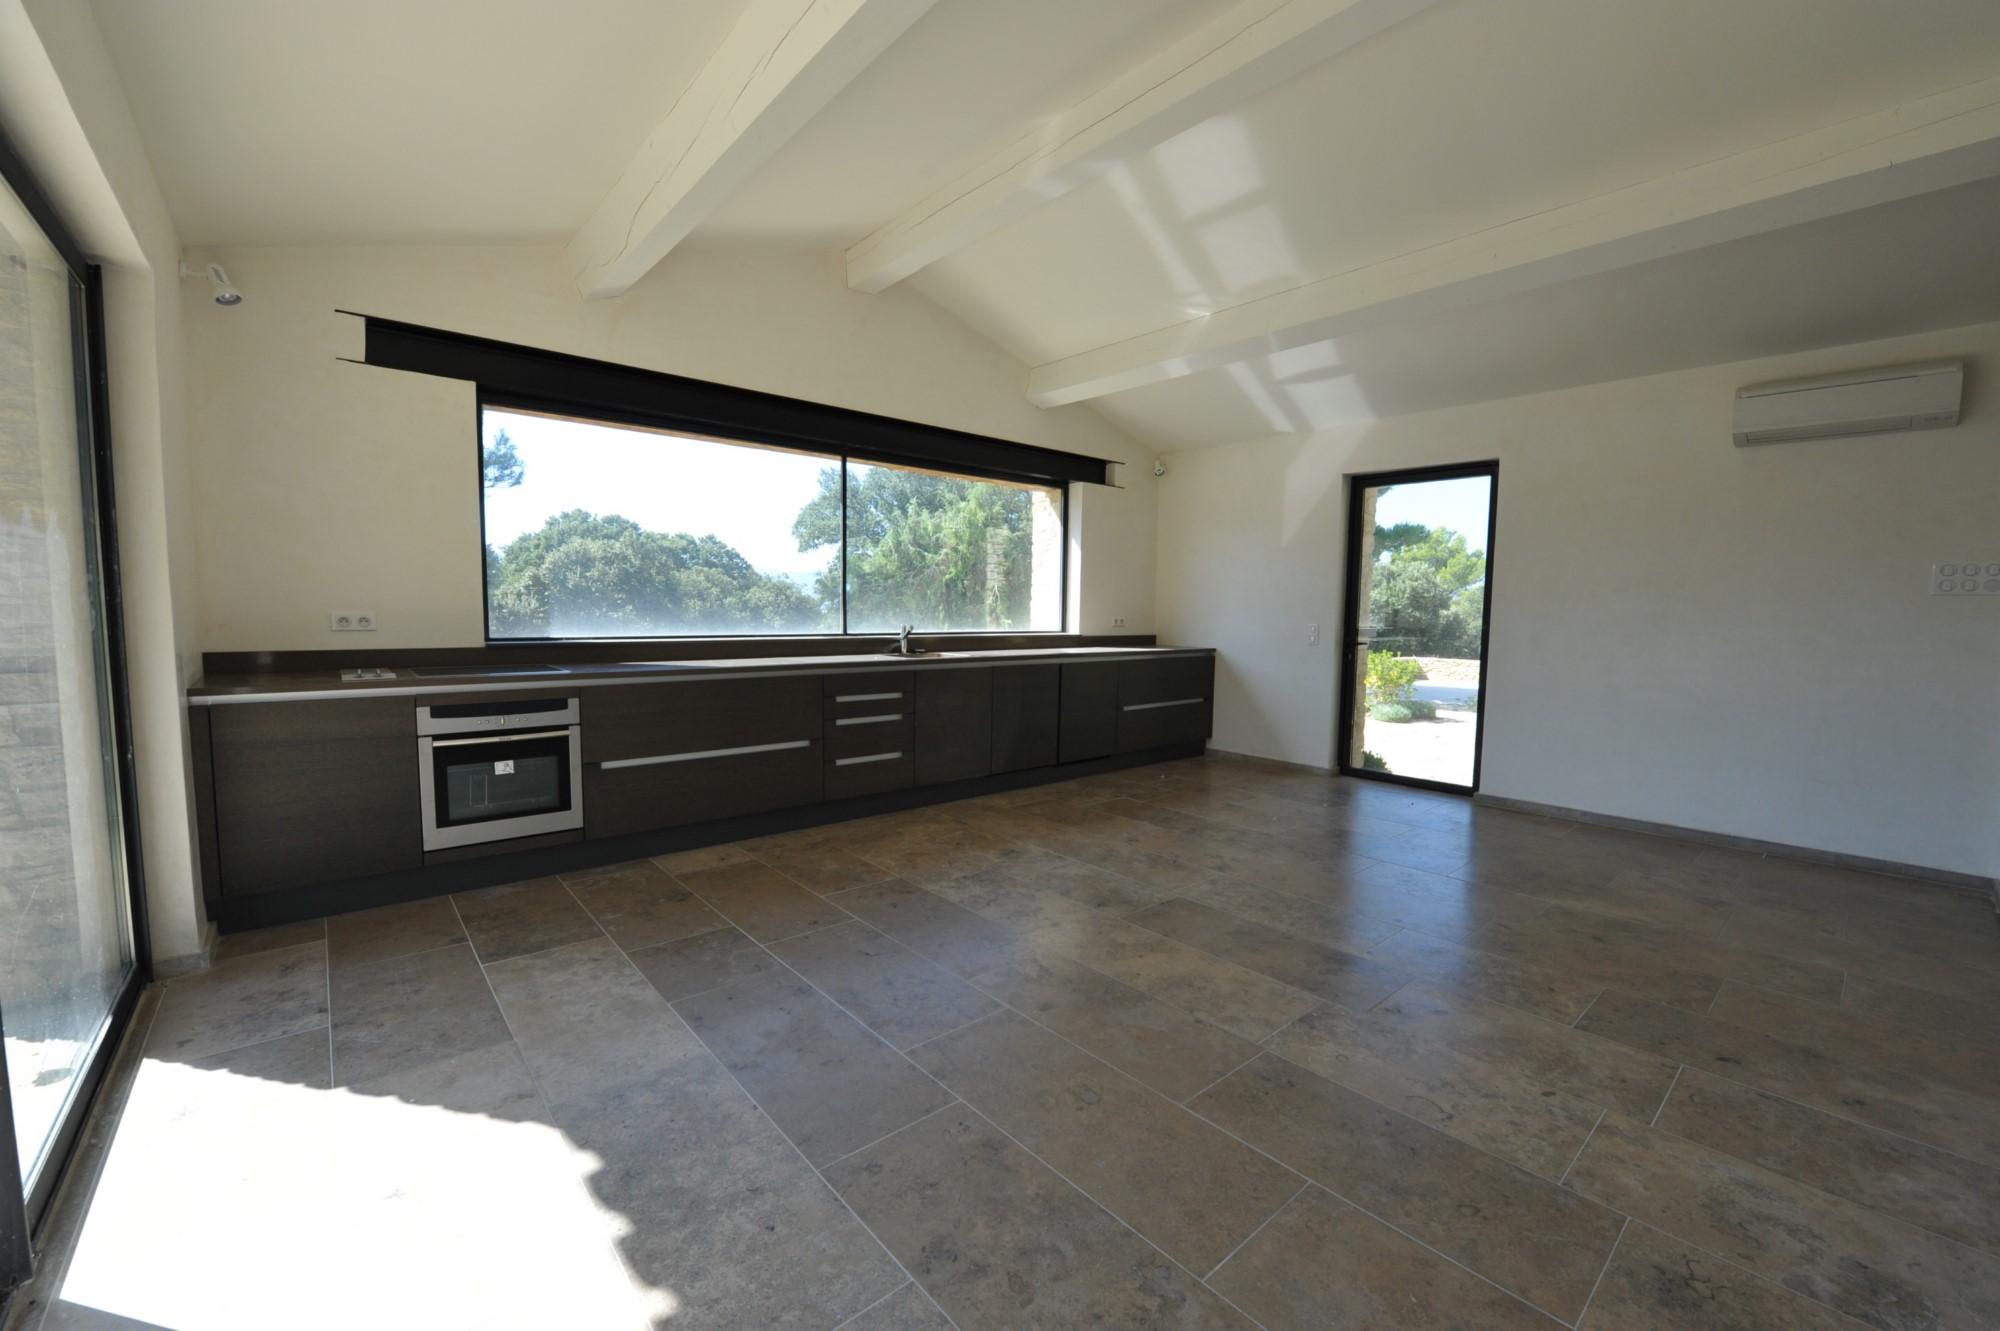 A vendre, Gordes, maison contemporaine avec piscine  dans un environnement protégé